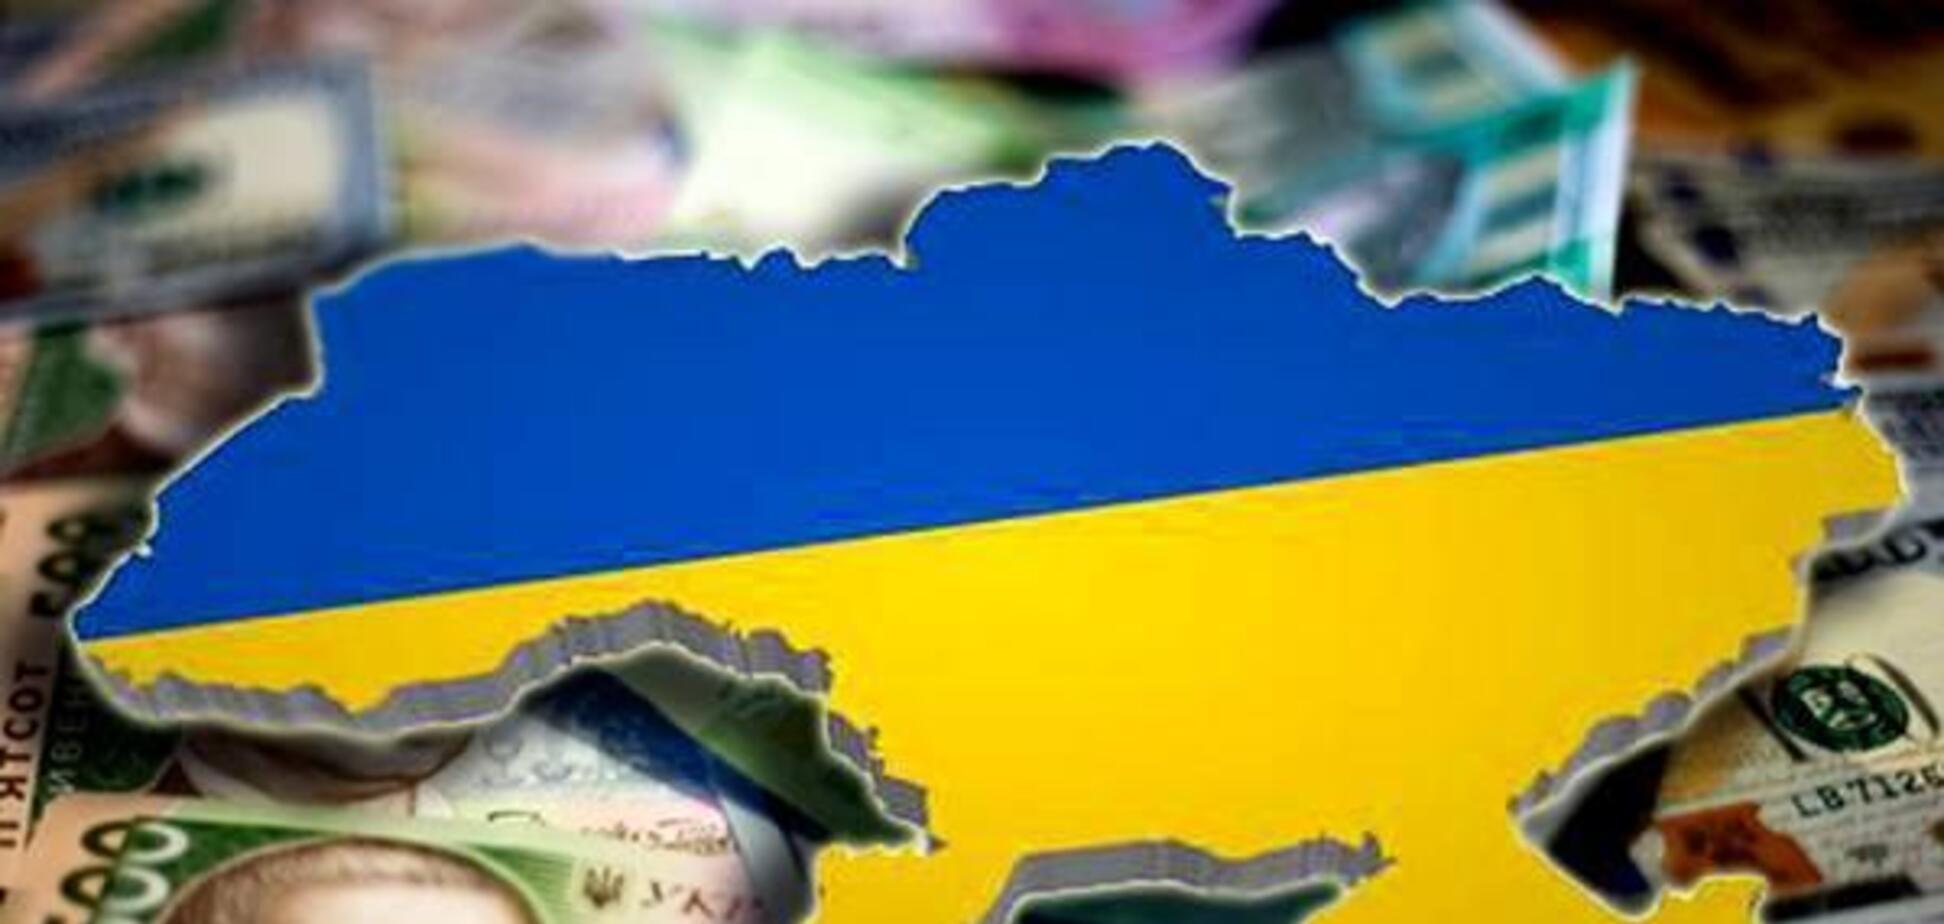 Как выборы в Украине повлияют на курс доллара: прогноз финансиста